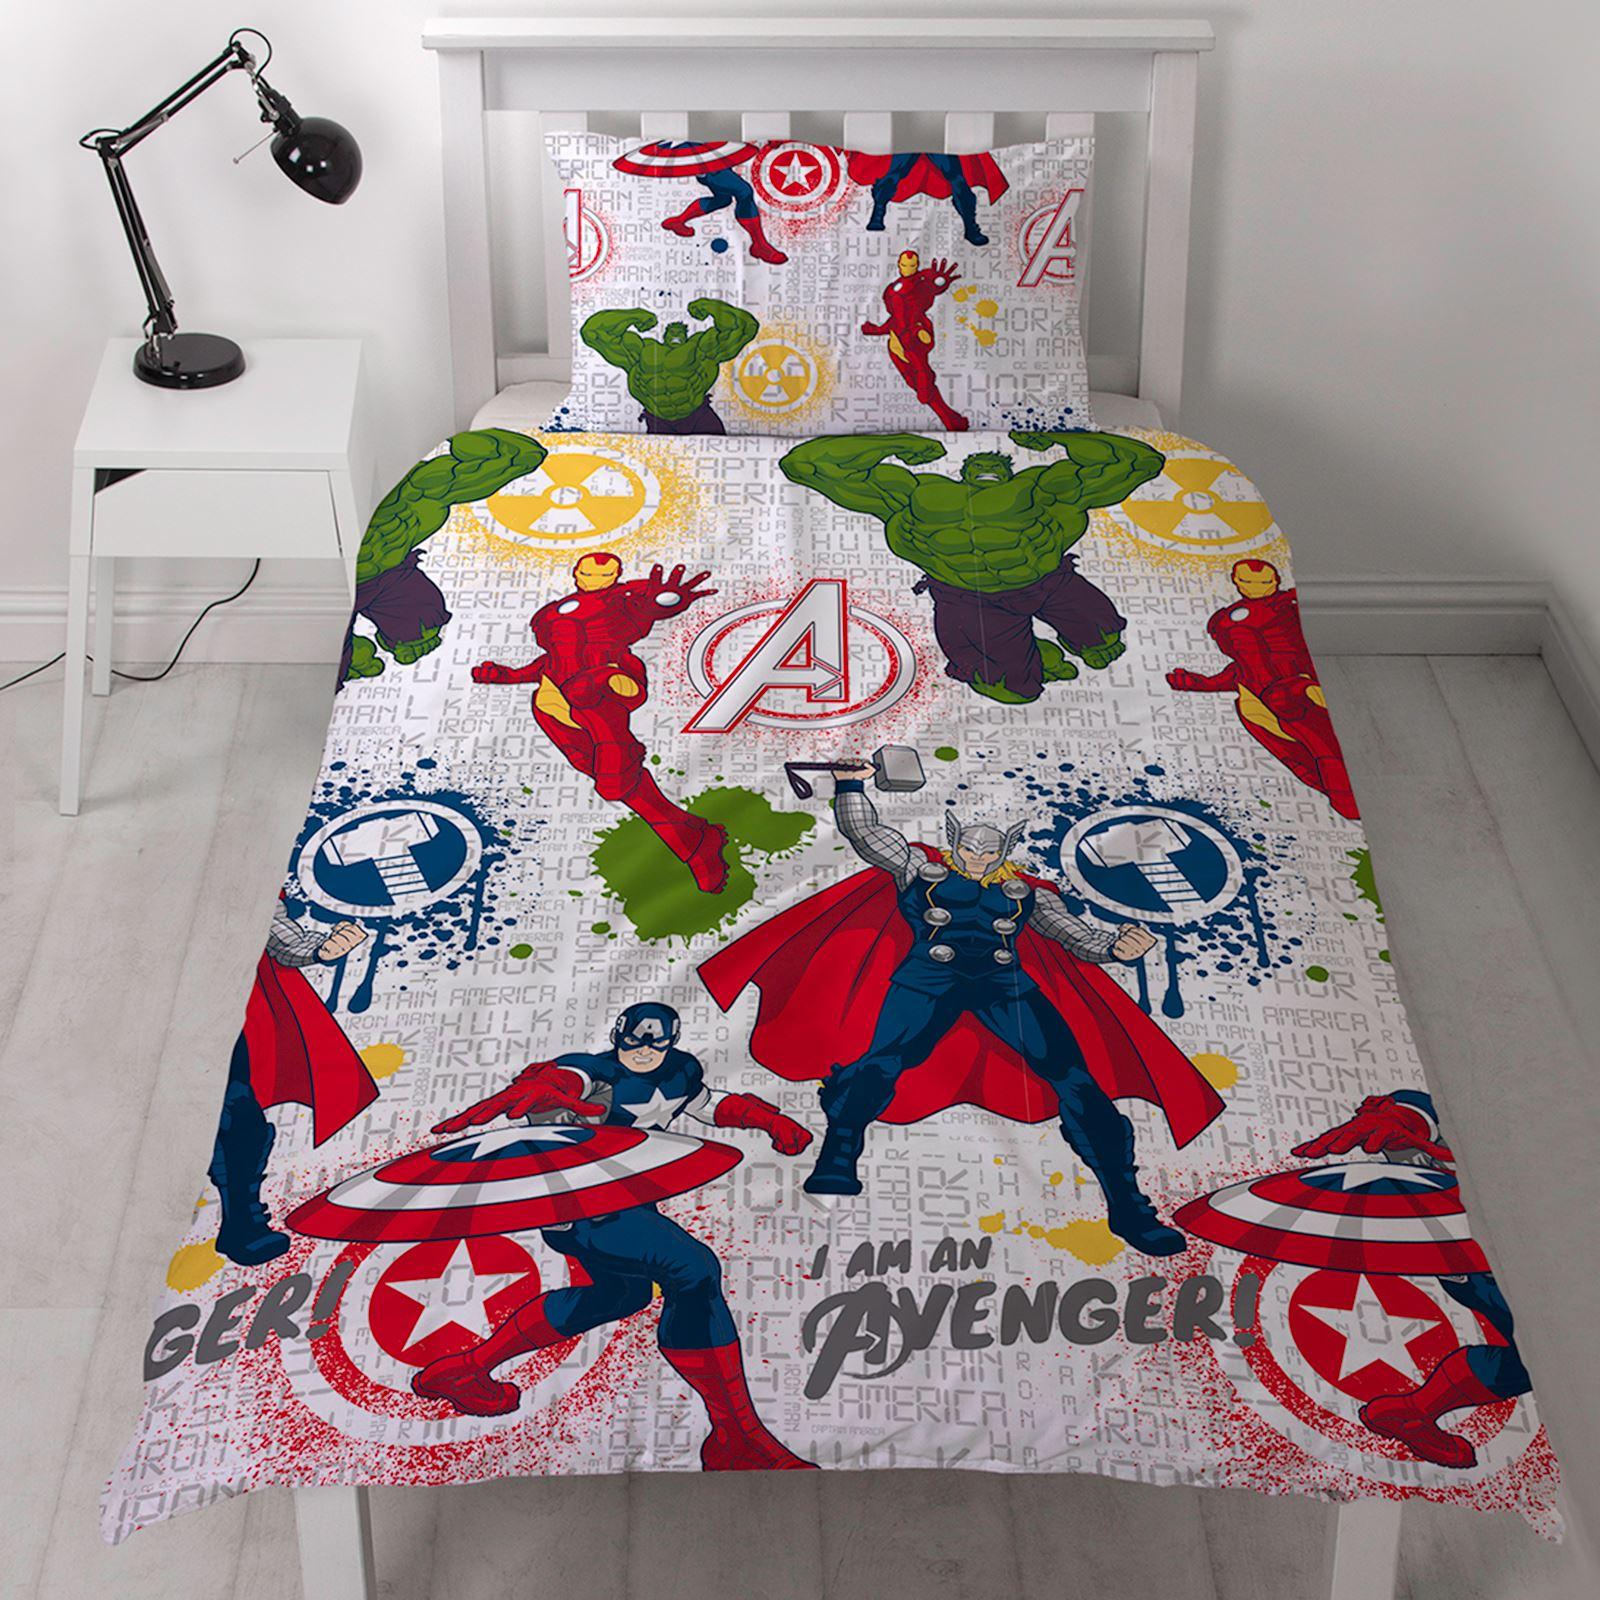 Marvel Avengers Mission Housse De Couette Ensembles Parure De Lit